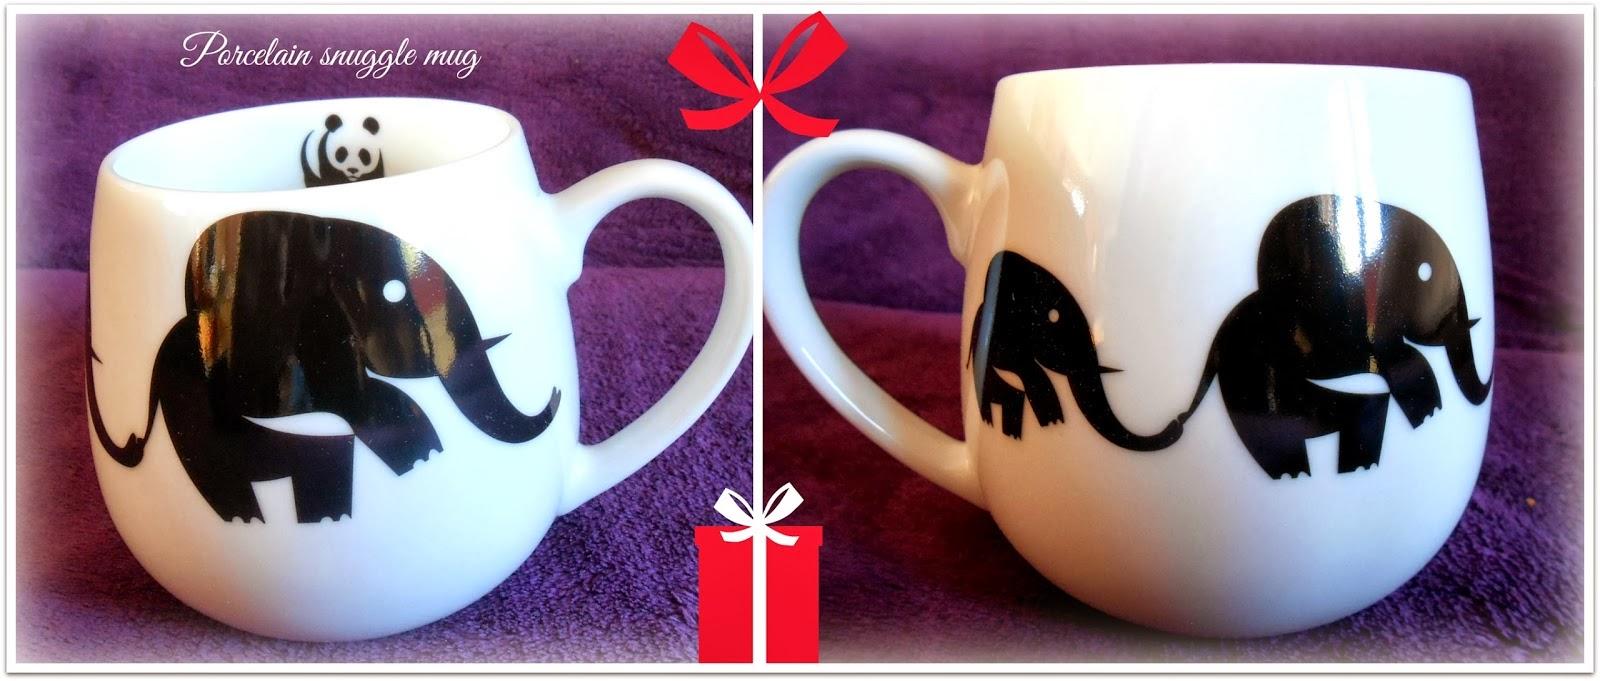 WWF Elephant Snuggle Mug